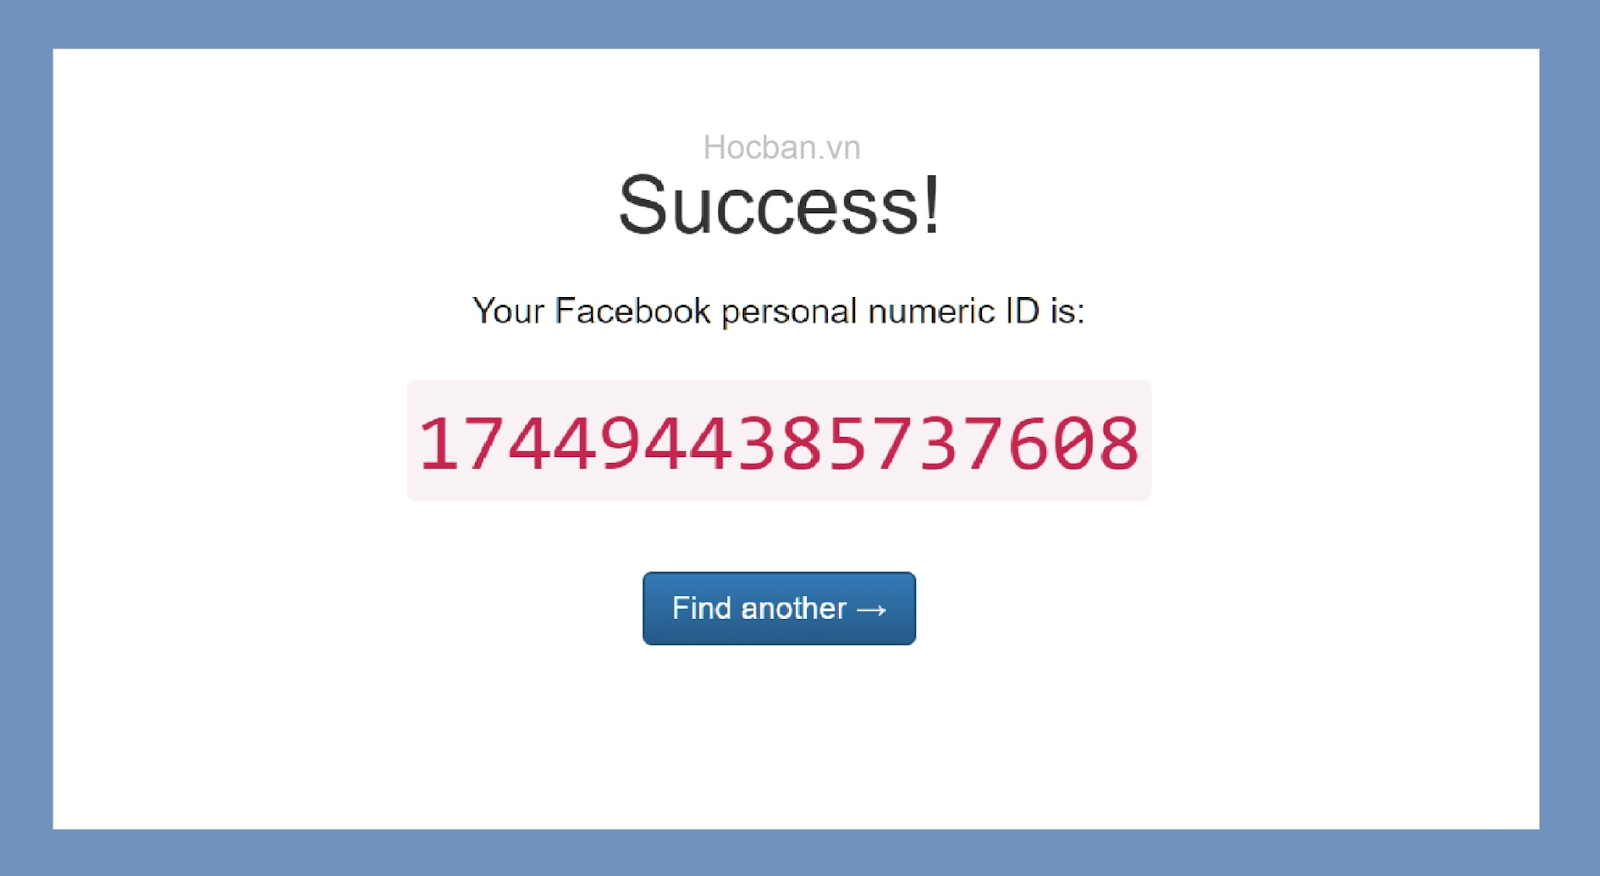 Bạn là người thường khi dùngthìIDFacebookcó vẻ như khôngđặc biệtcho lắm. IDtrang Facebookchủ yếuđượcsử dụngbởi những người làm marketing hoặc lập trình viên.